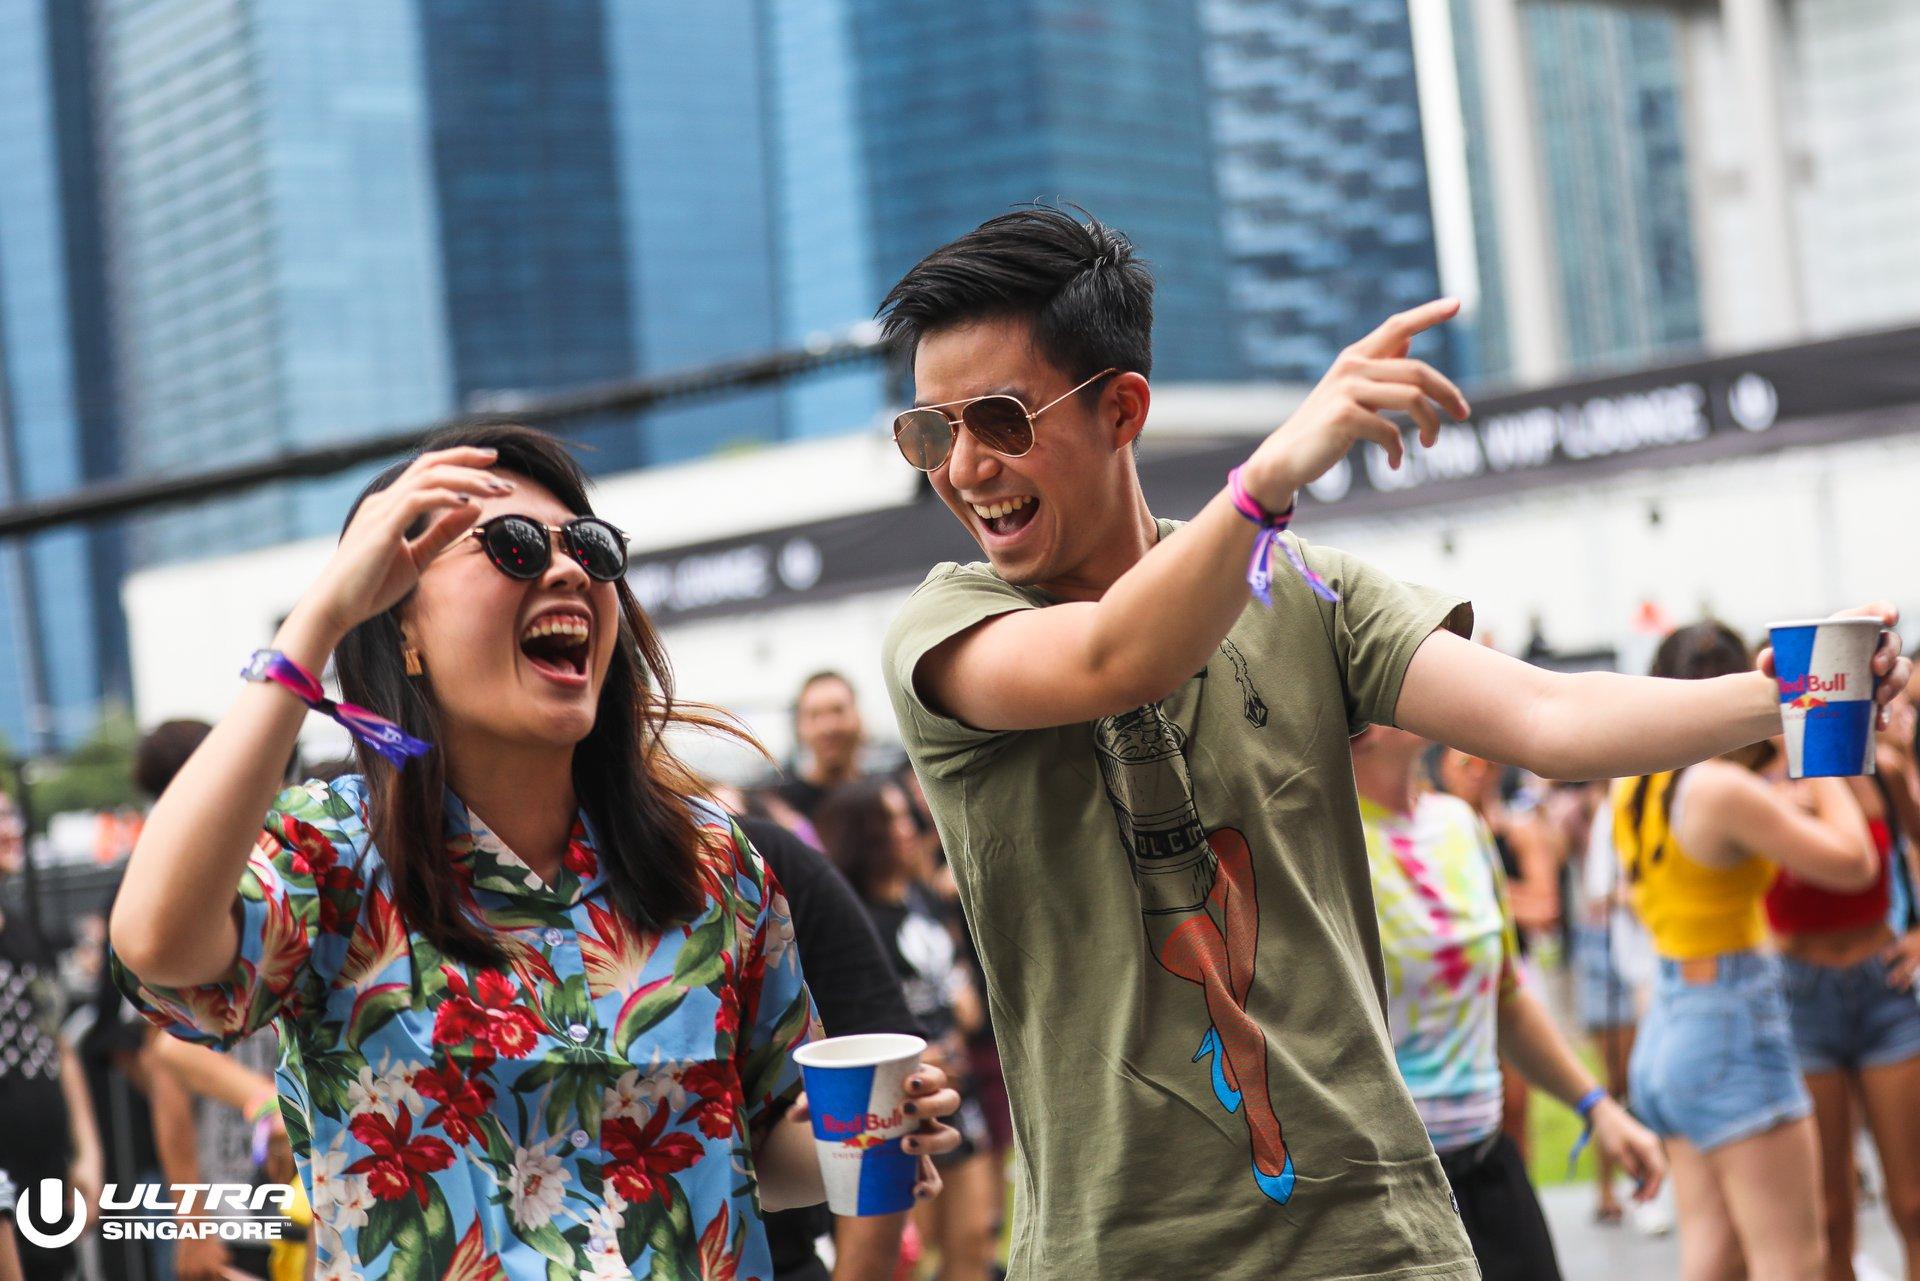 ultra singapore image